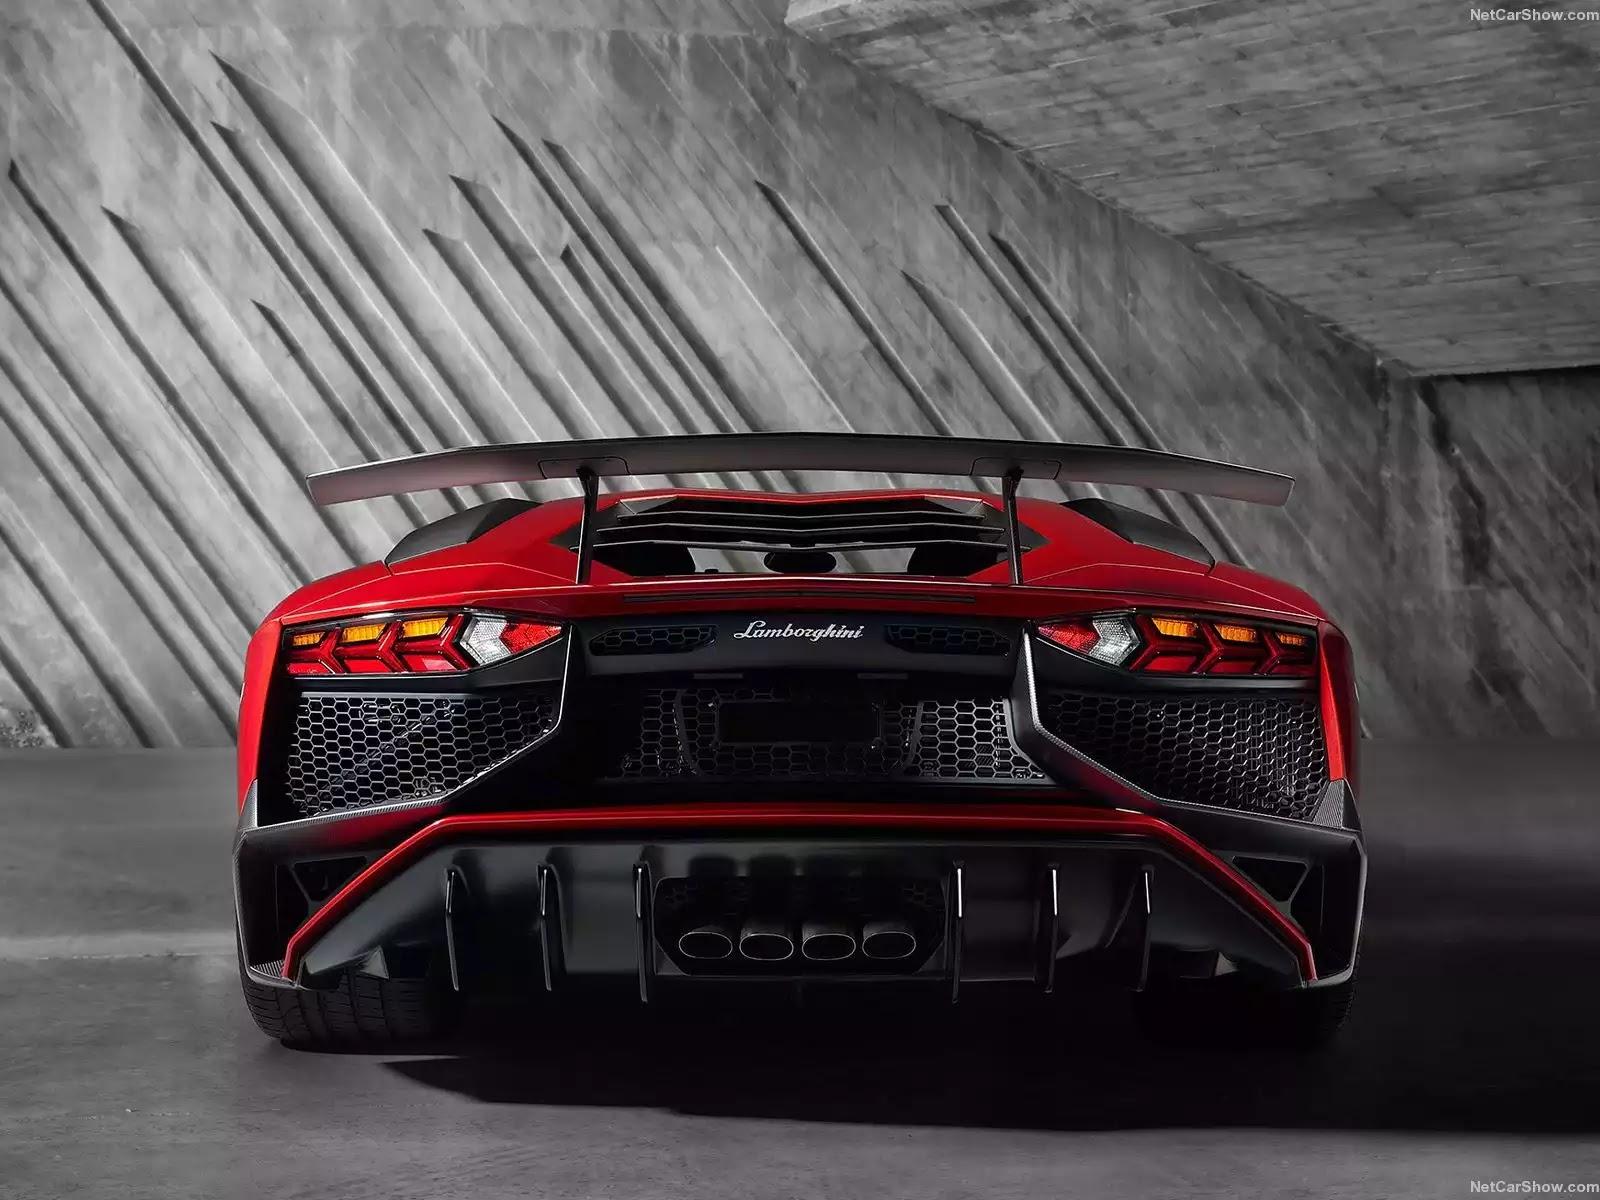 Hình ảnh siêu xe Lamborghini Aventador LP750-4 SV 2016 & nội ngoại thất